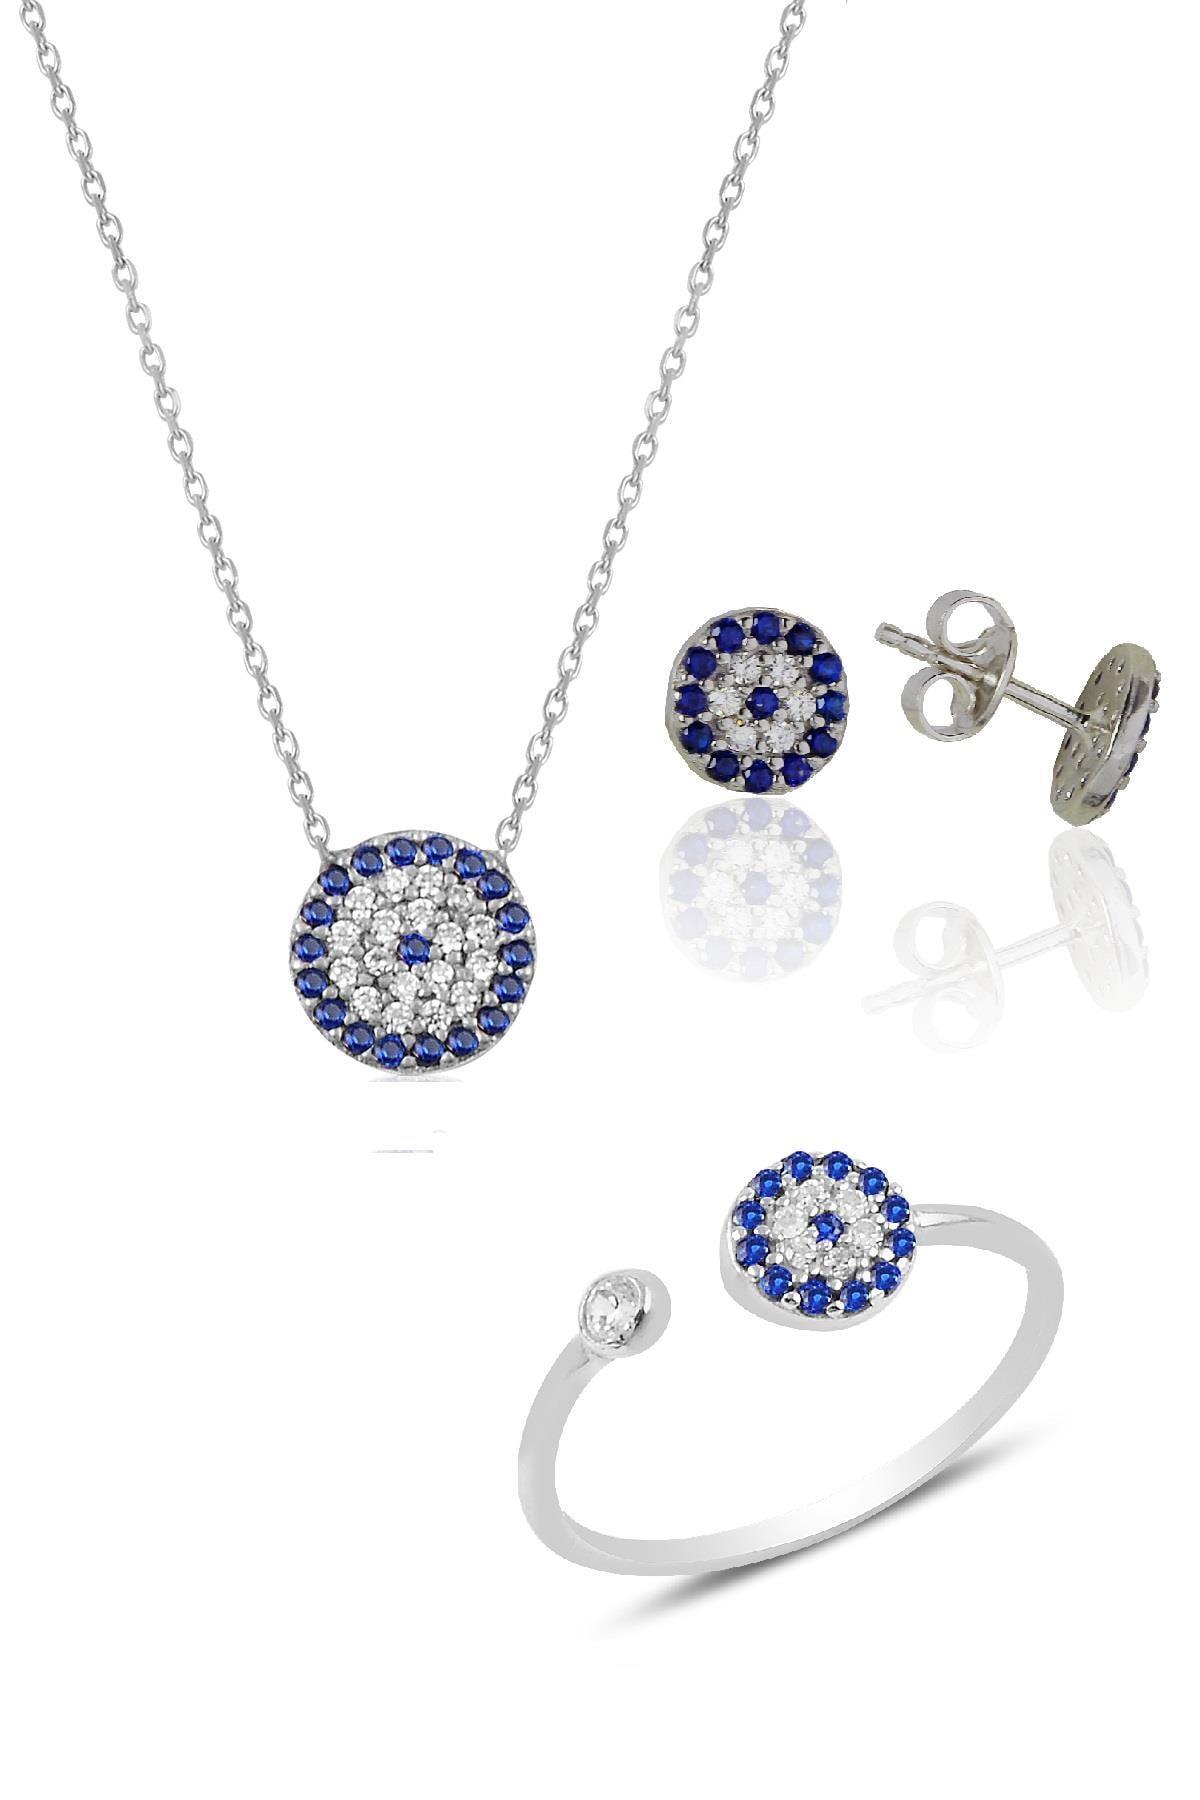 Söğütlü Silver Gümüş rodyumlu nazar modeli üçlü set